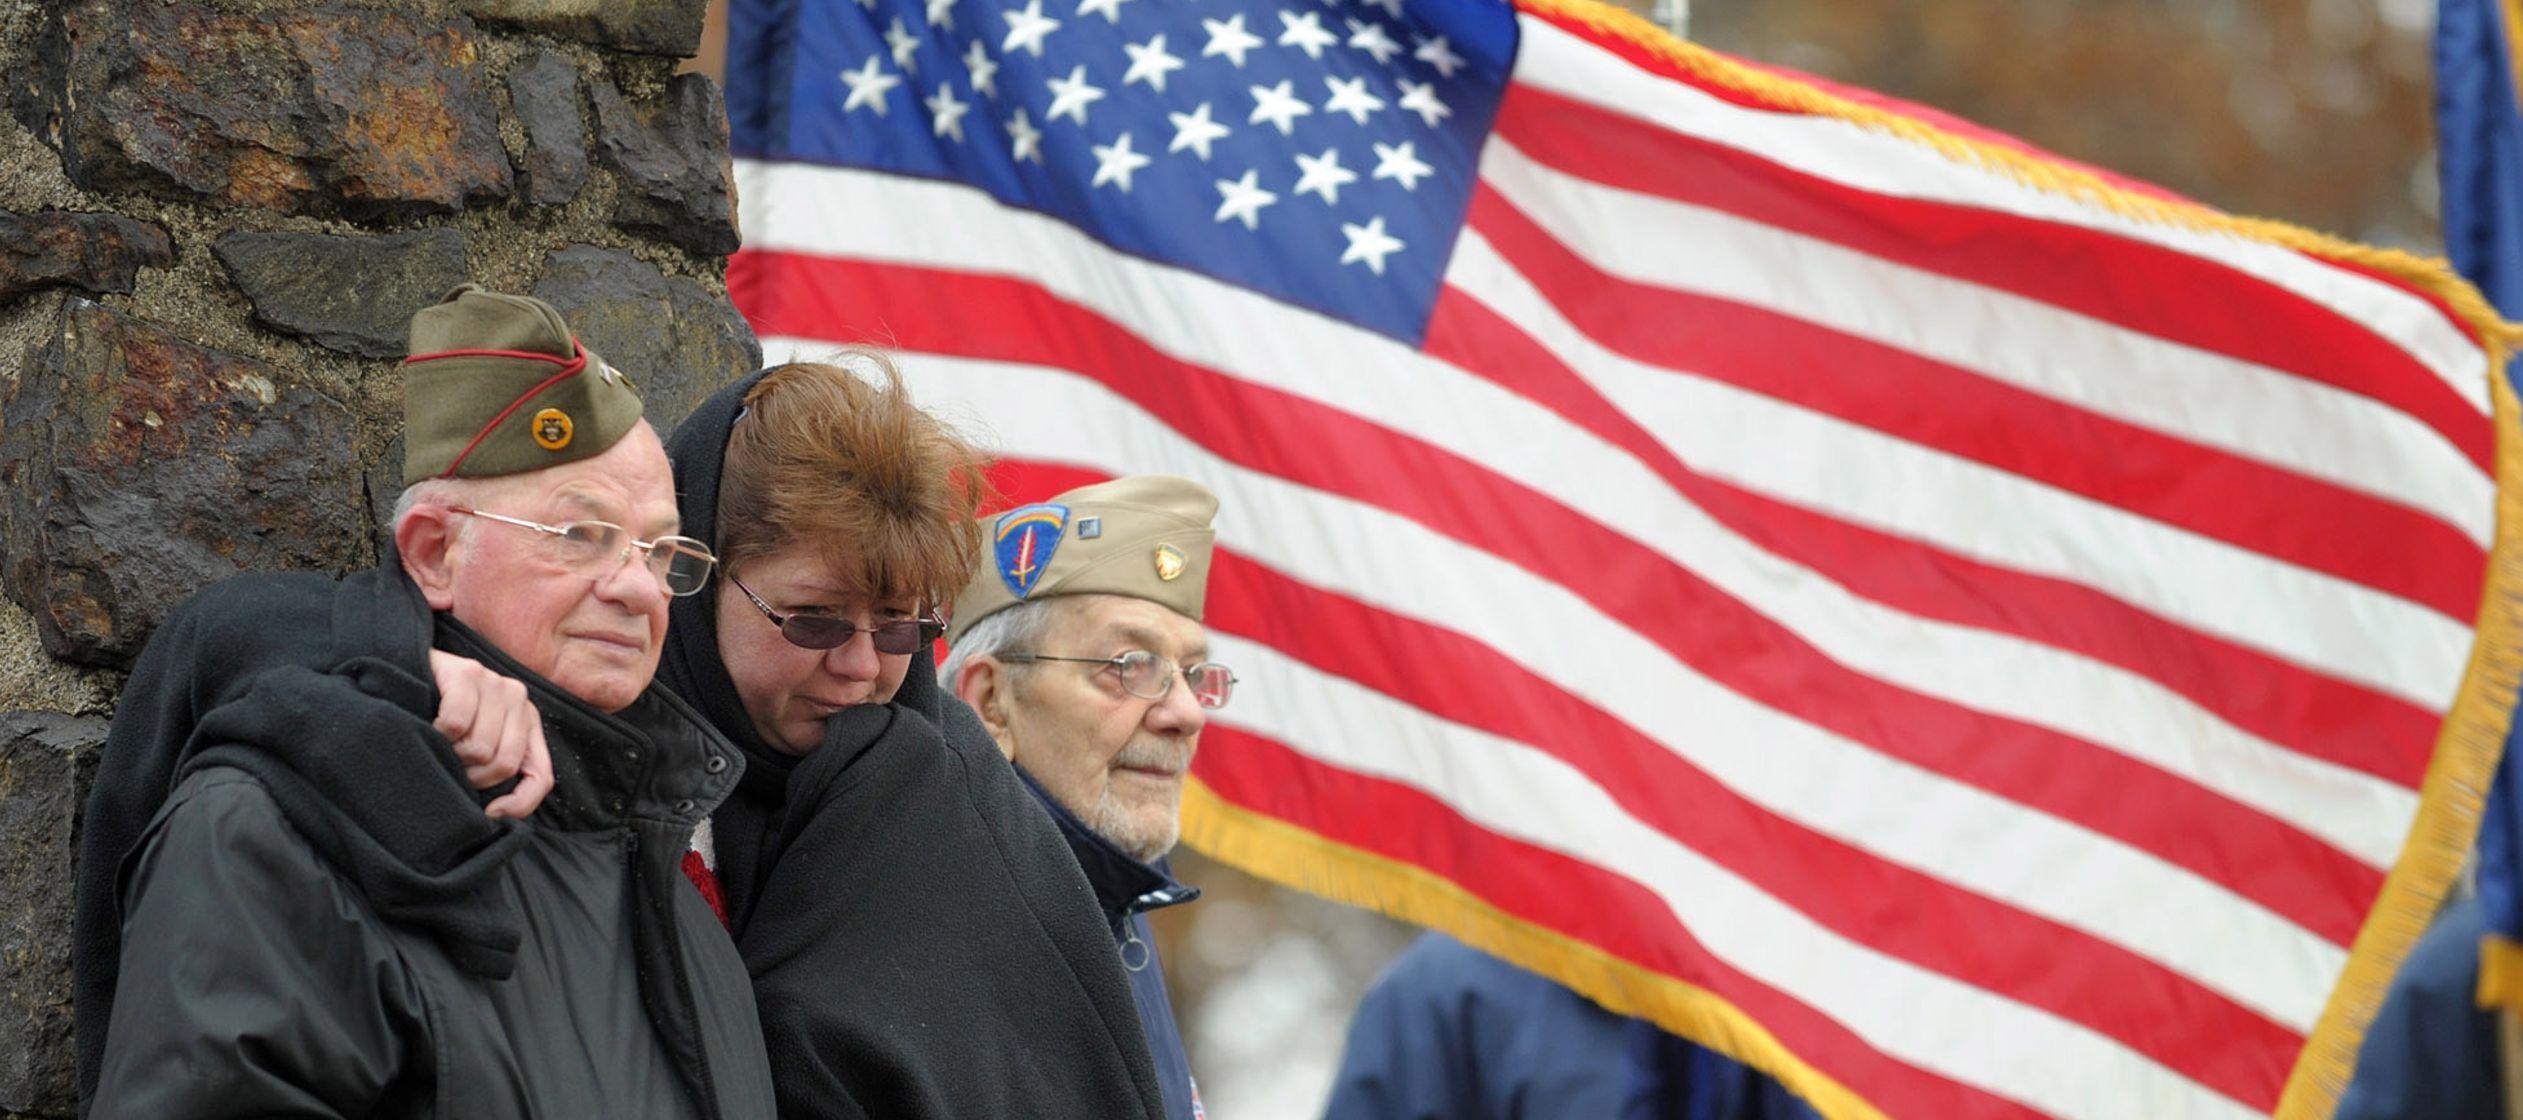 Veteranos en Estados Unidos rejuvenecen el alma con programa de reformas de sus casas